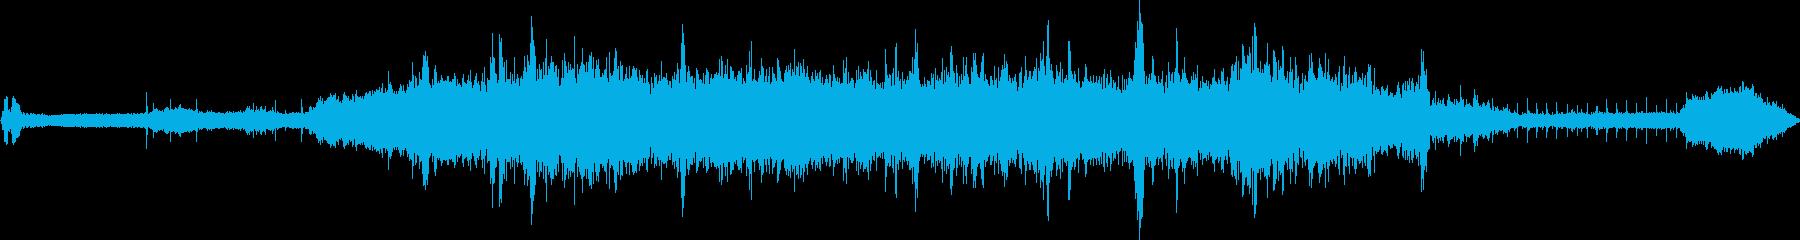 スクールバス:Int:スタート、ア...の再生済みの波形